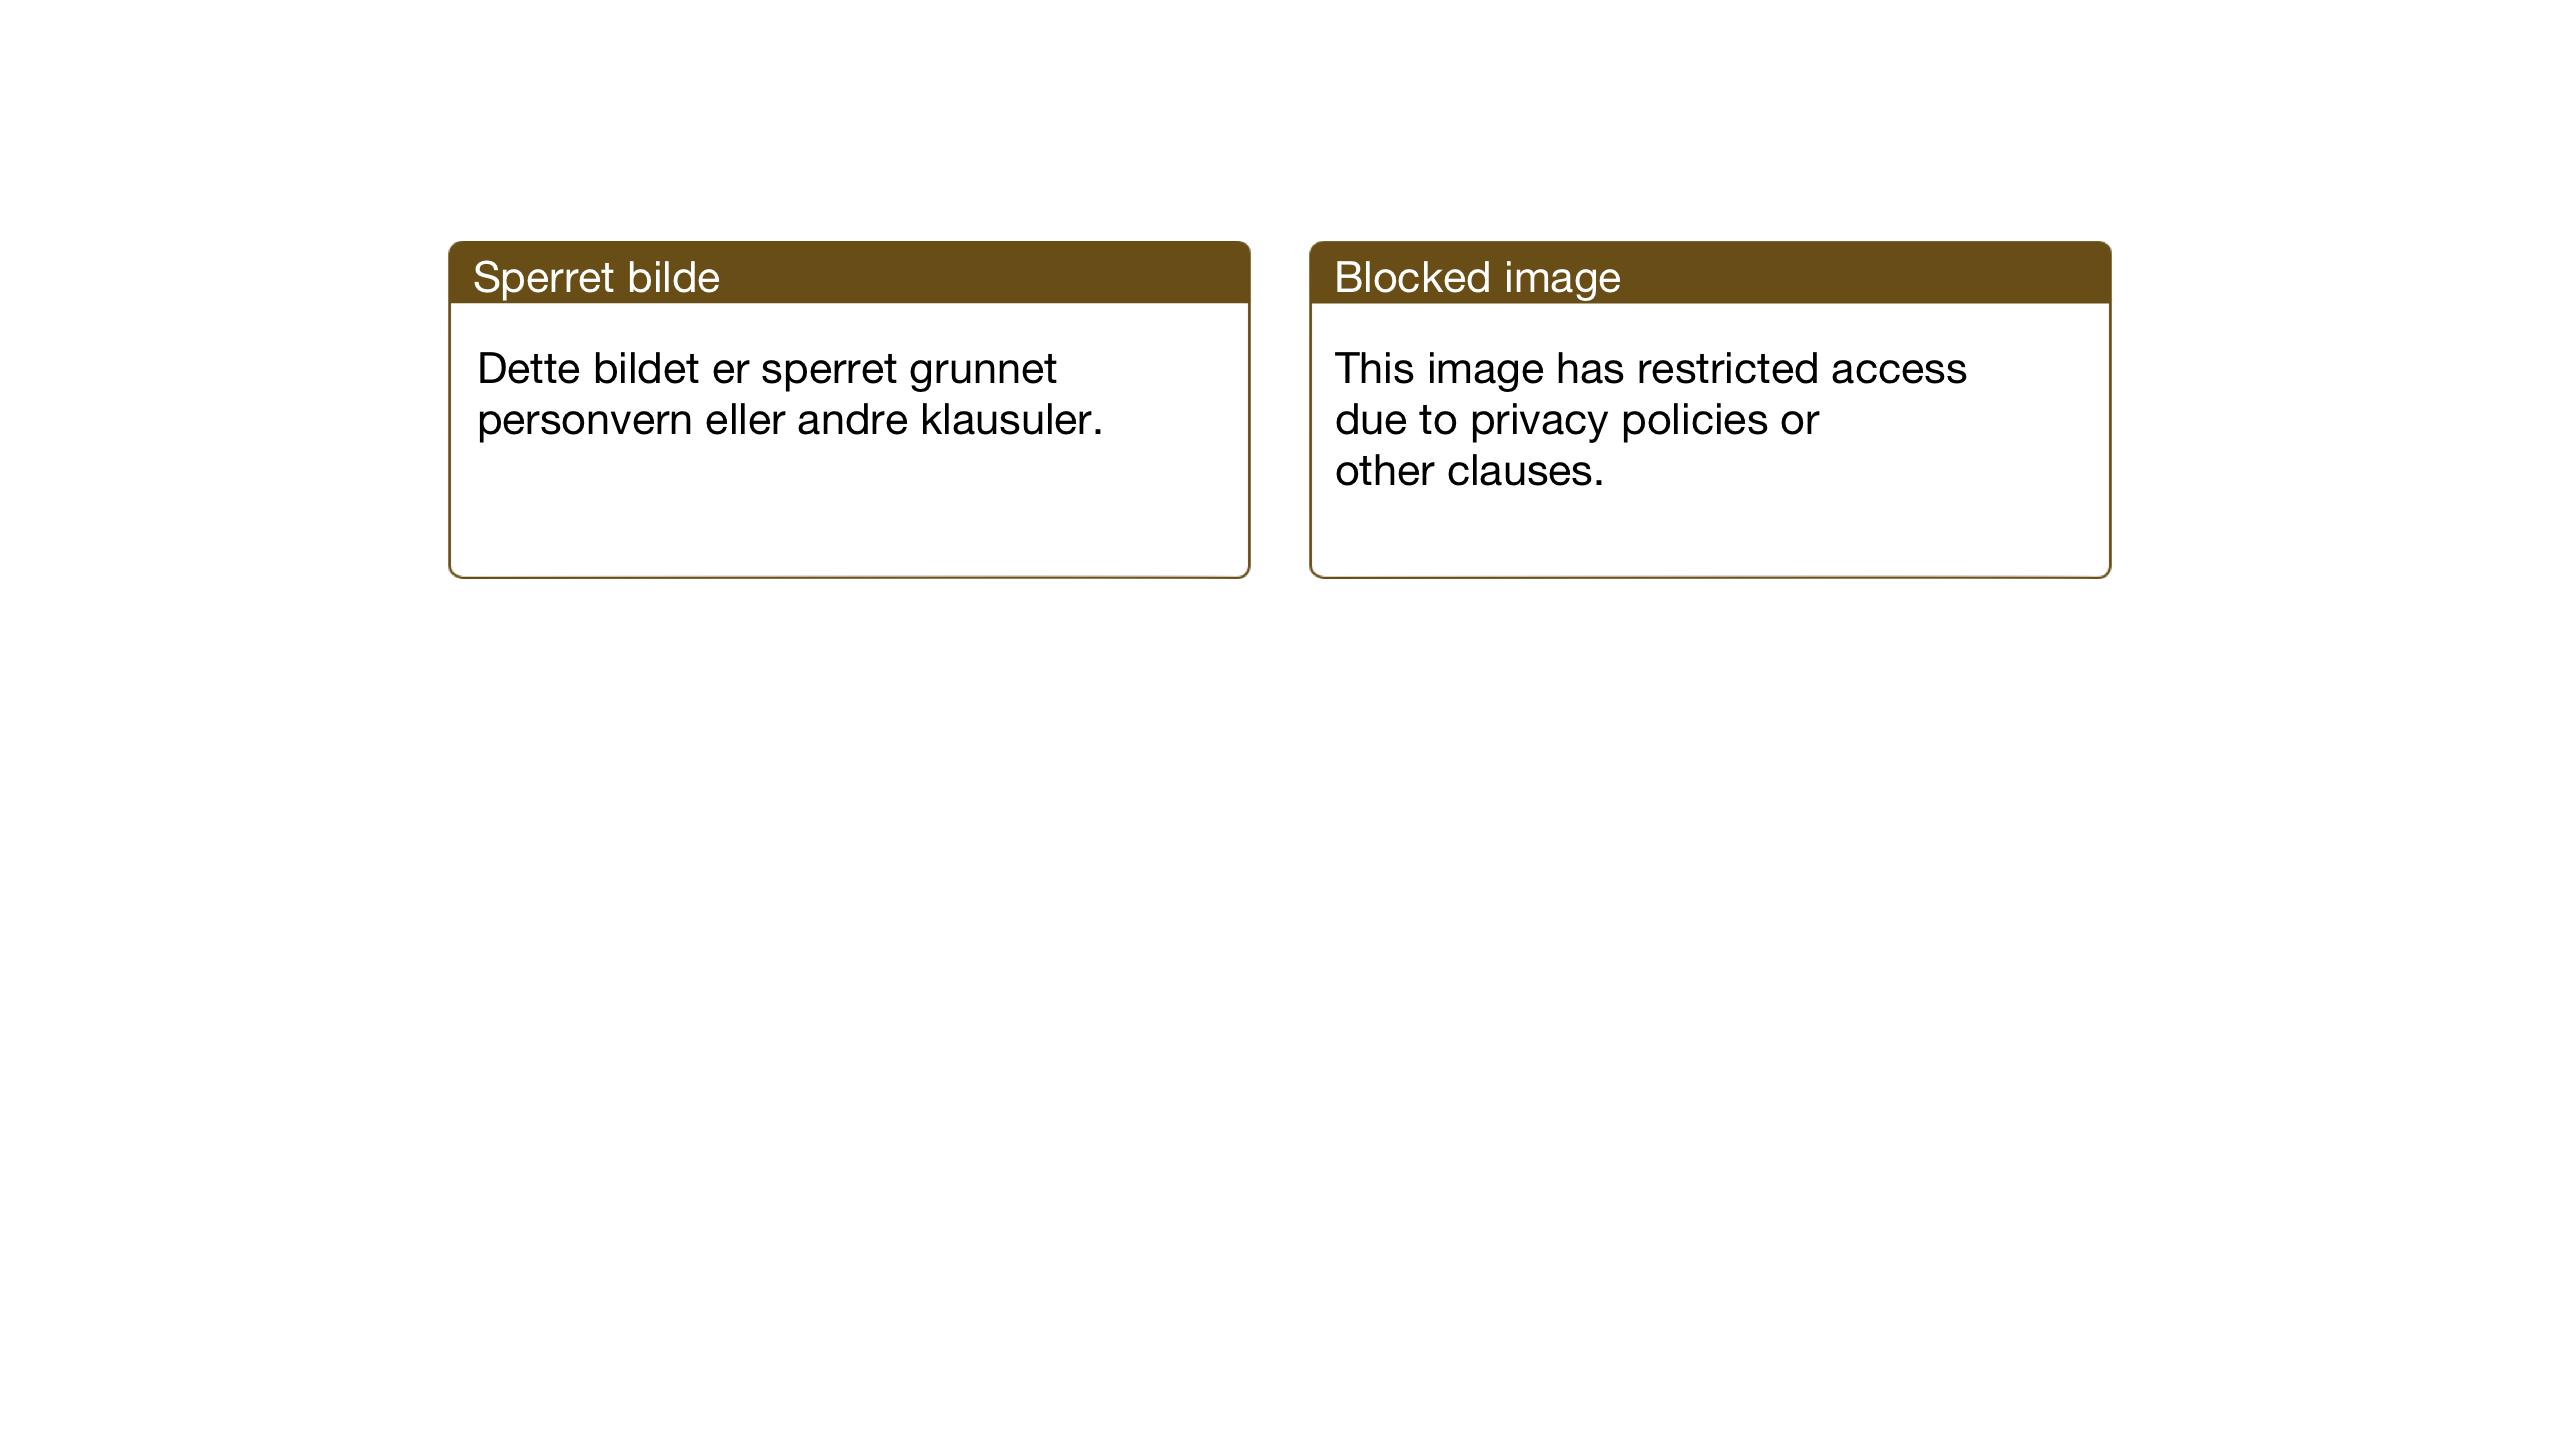 SAT, Ministerialprotokoller, klokkerbøker og fødselsregistre - Nord-Trøndelag, 773/L0625: Klokkerbok nr. 773C01, 1910-1952, s. 102